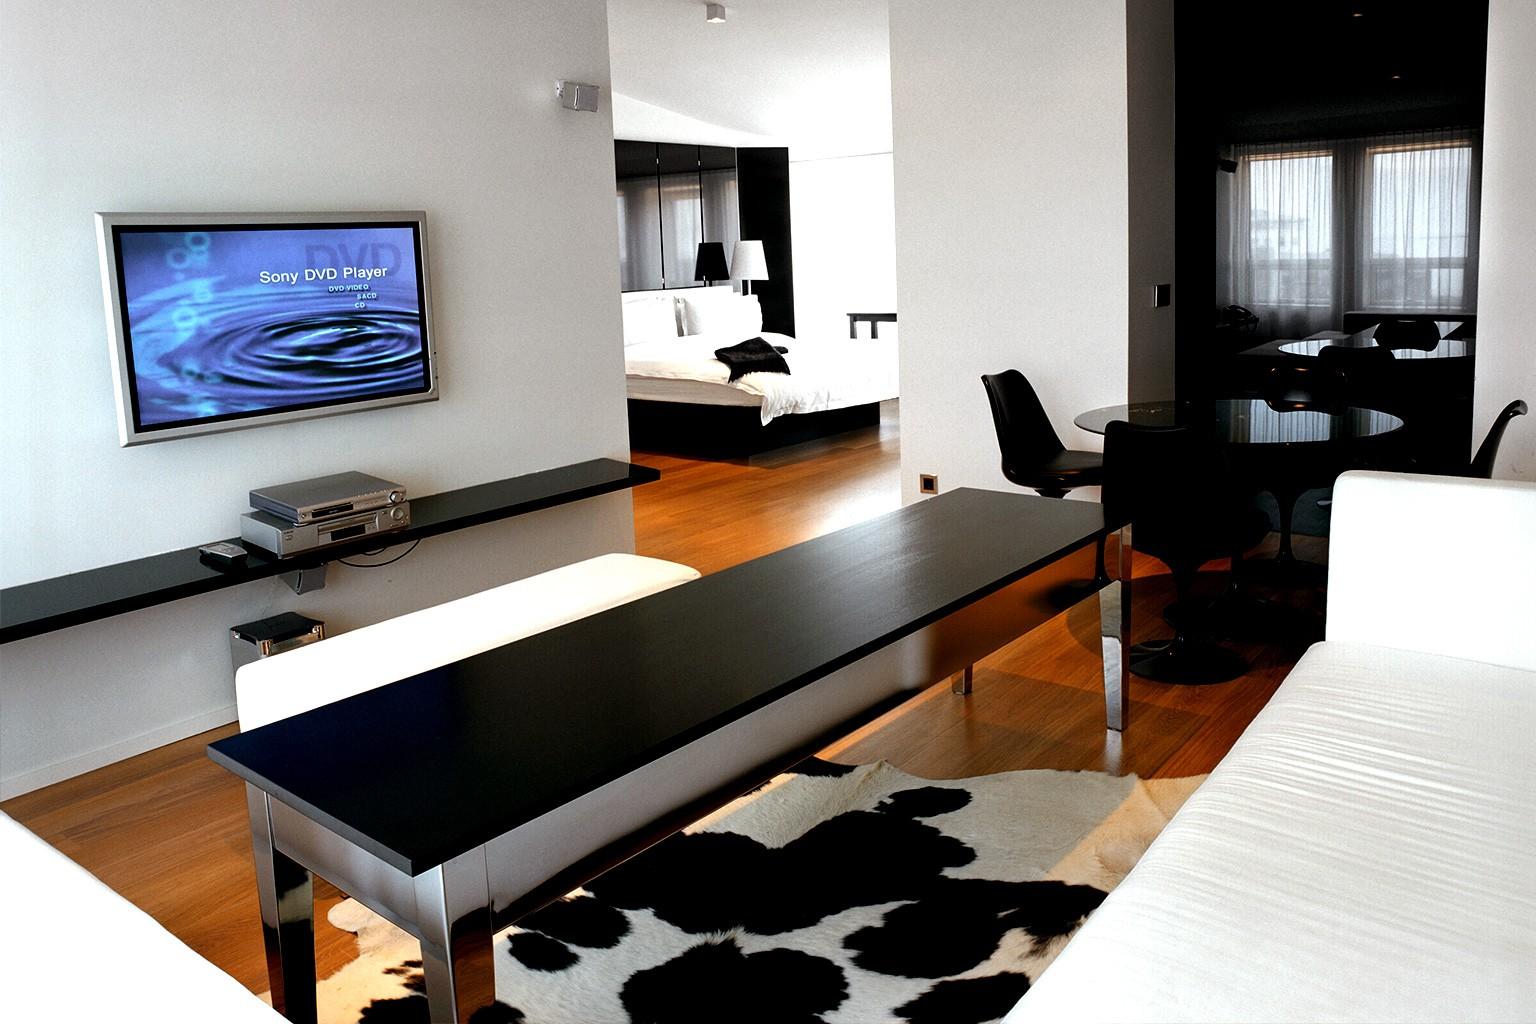 Hotel 101 in reykjavik luxushotel bei designreisen for Design hotel 101 reykjavik